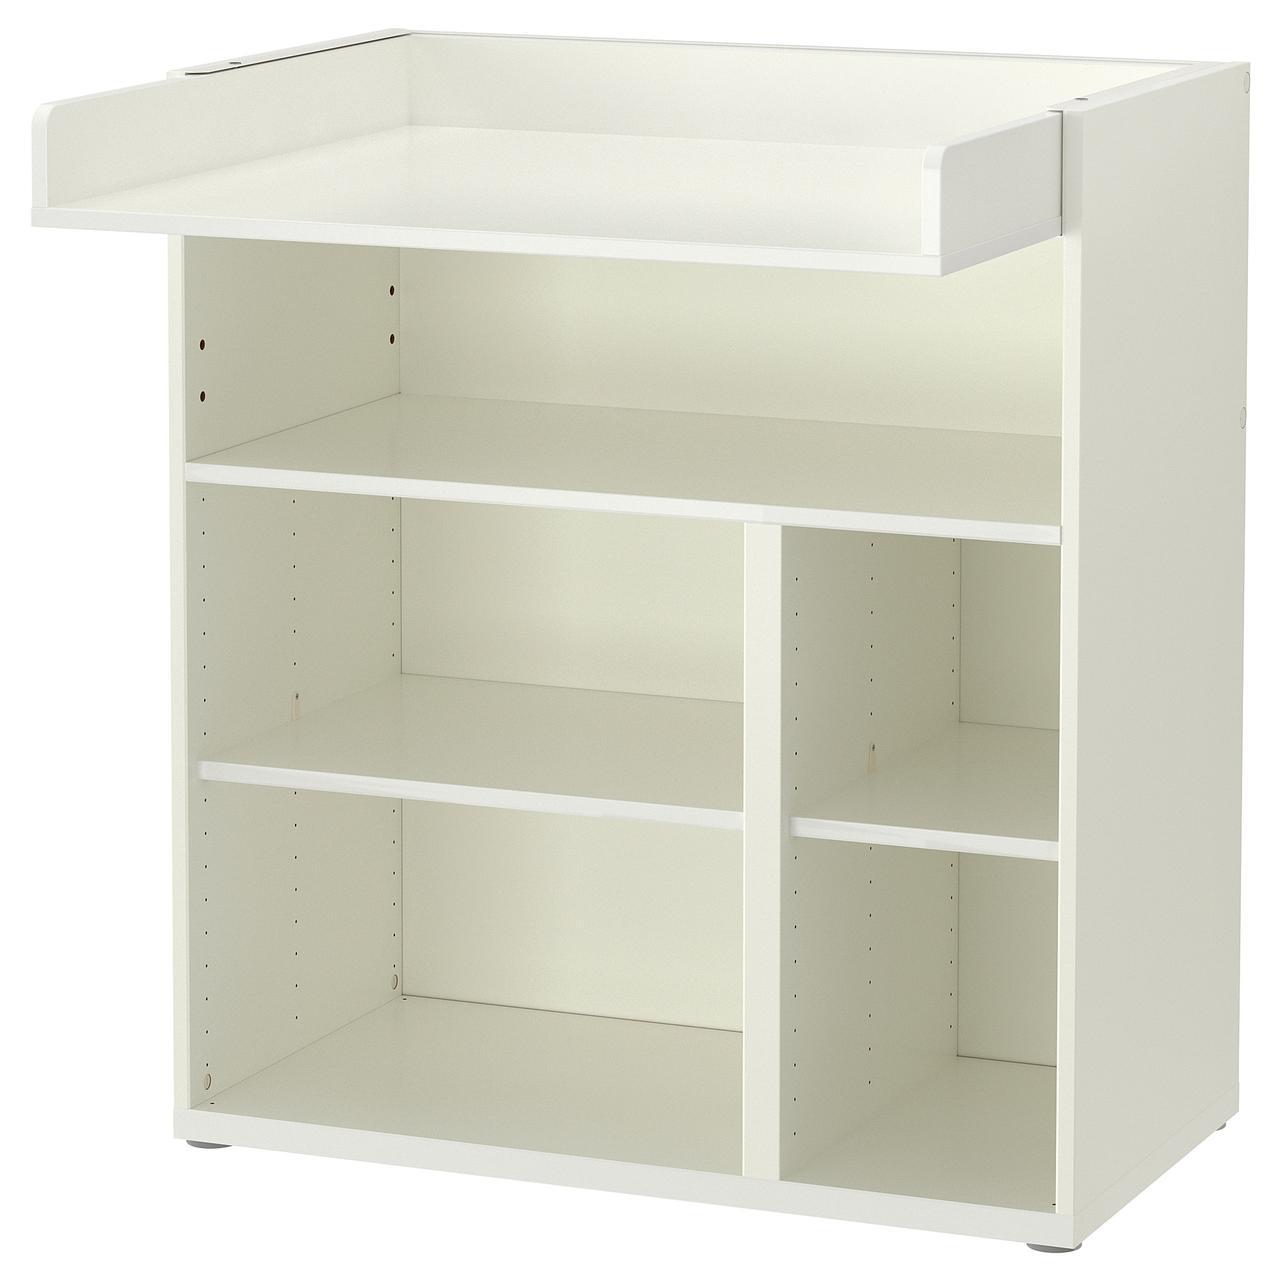 СТУВА Пеленальный/письменный стол, белый